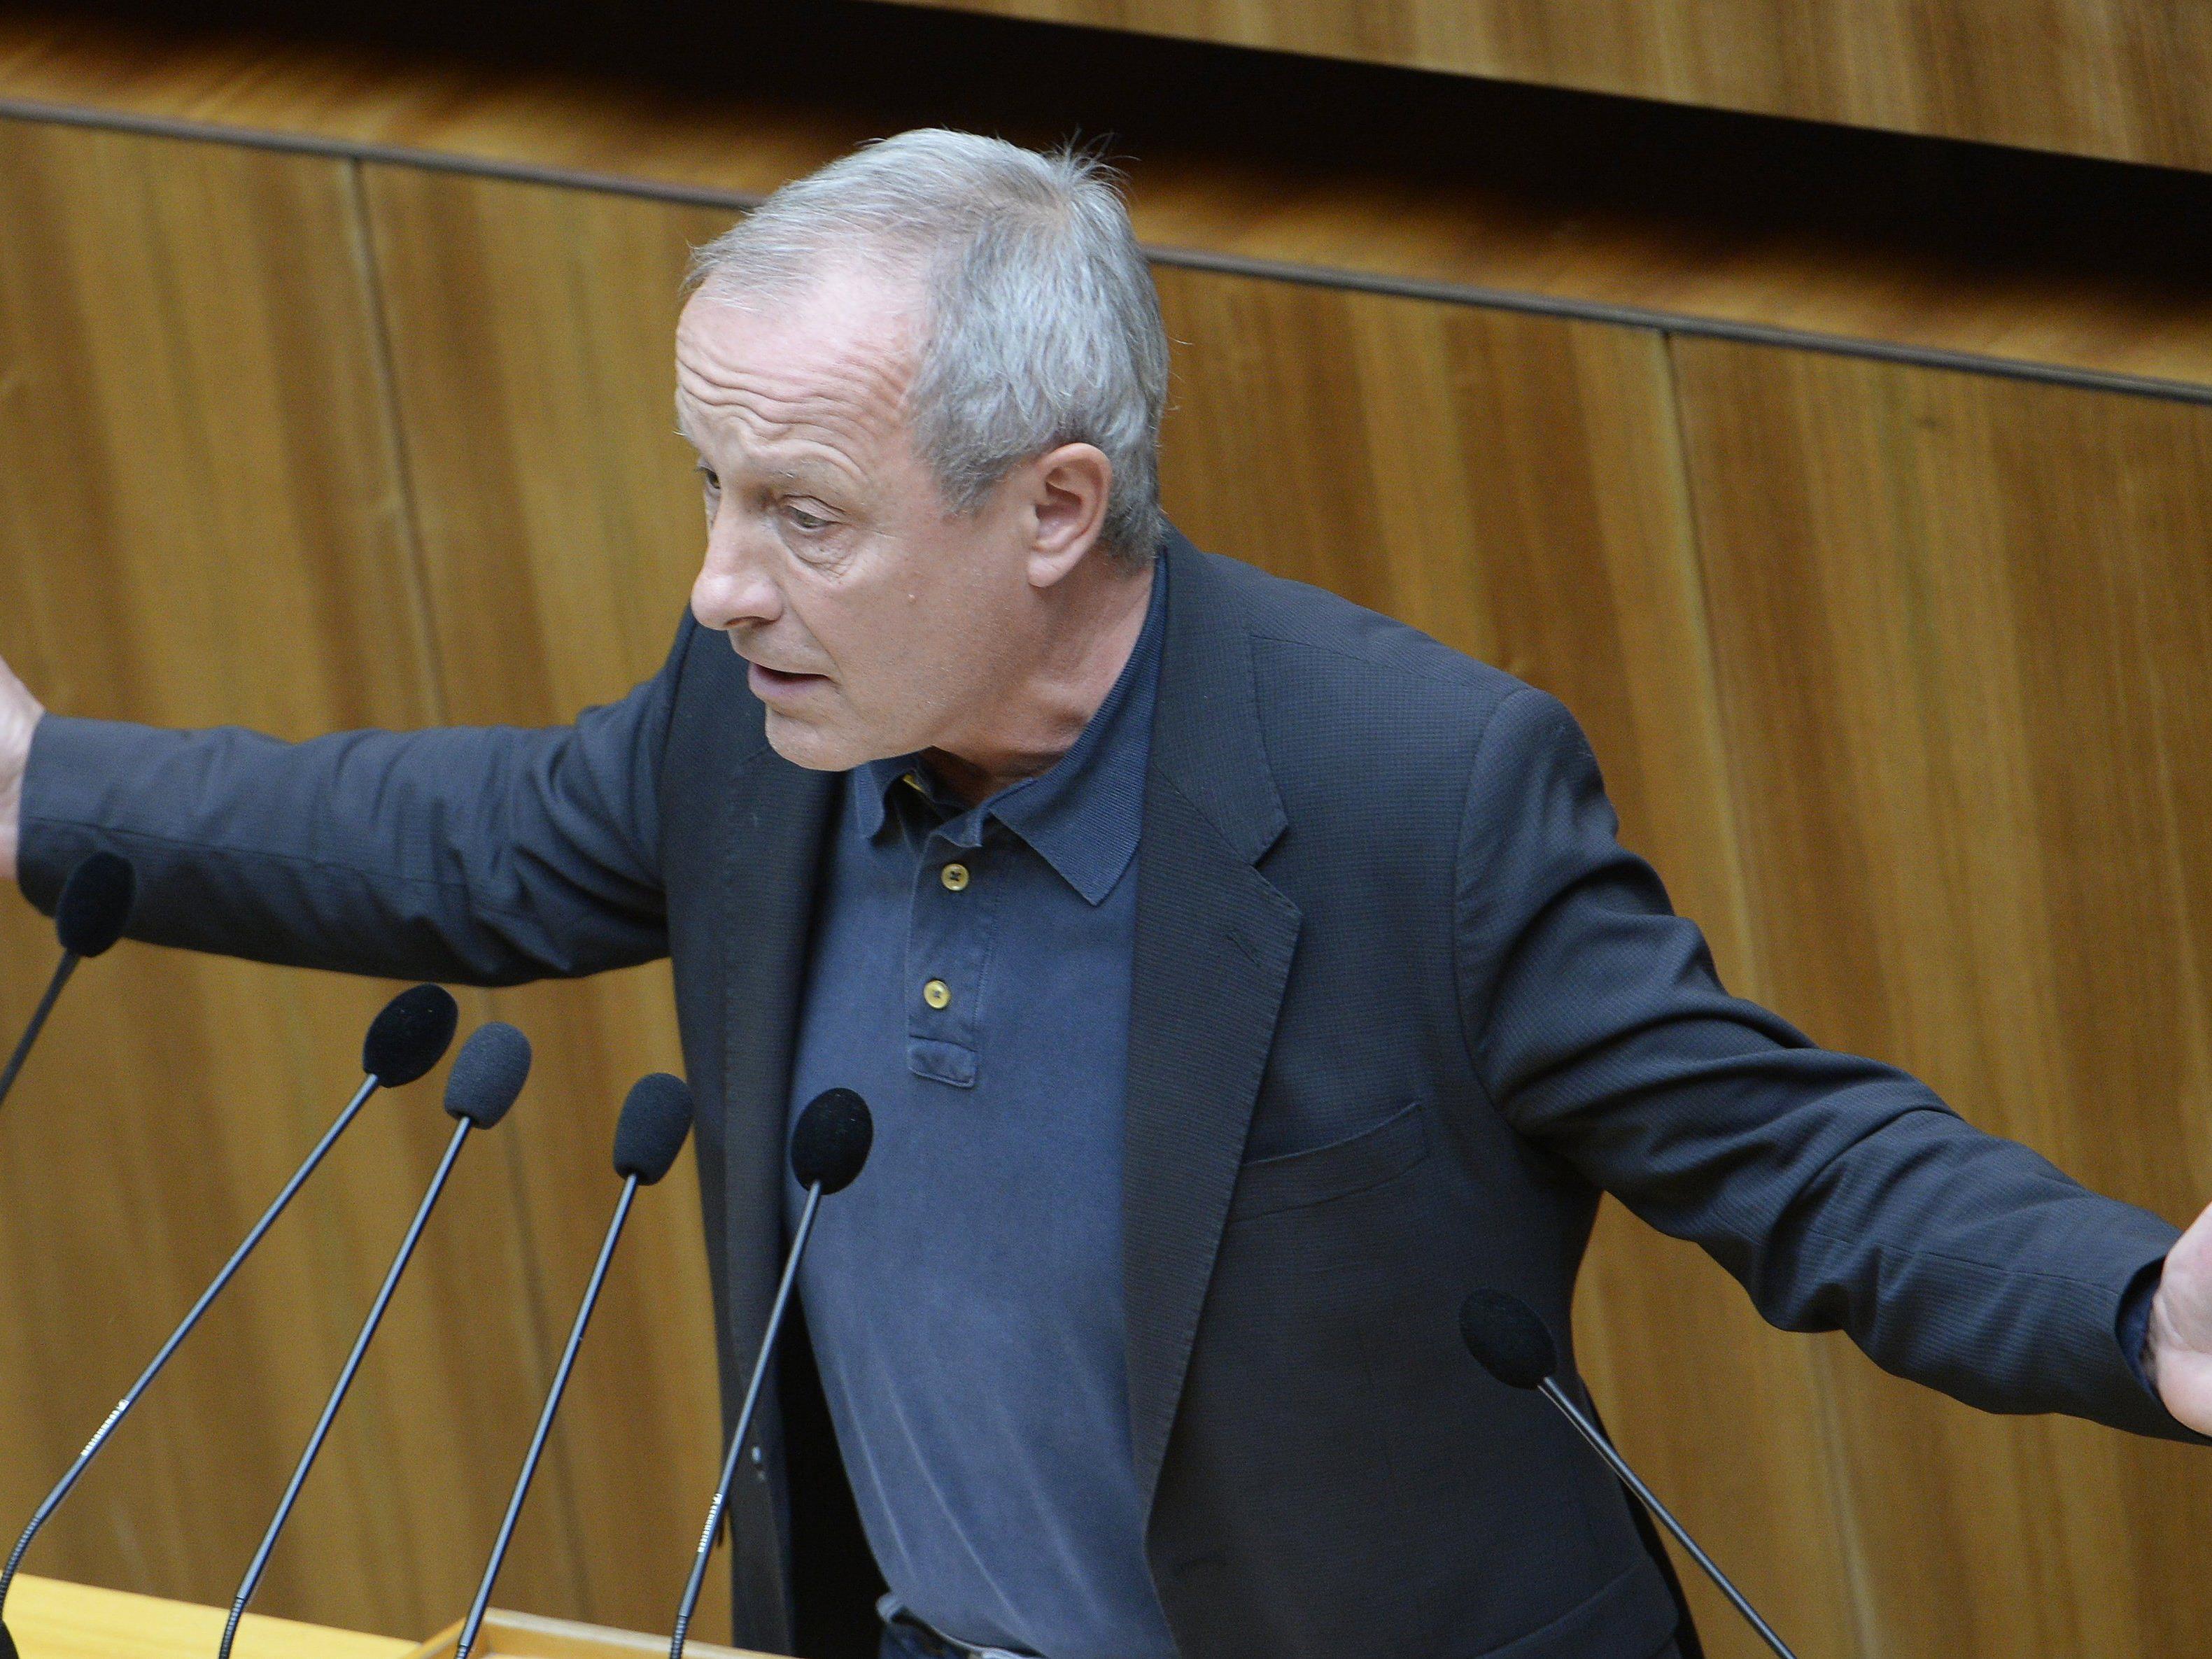 Peter Pilz fragt sich, warum in Österreich so viele Korruptionsermittlungen eingestellt werden.